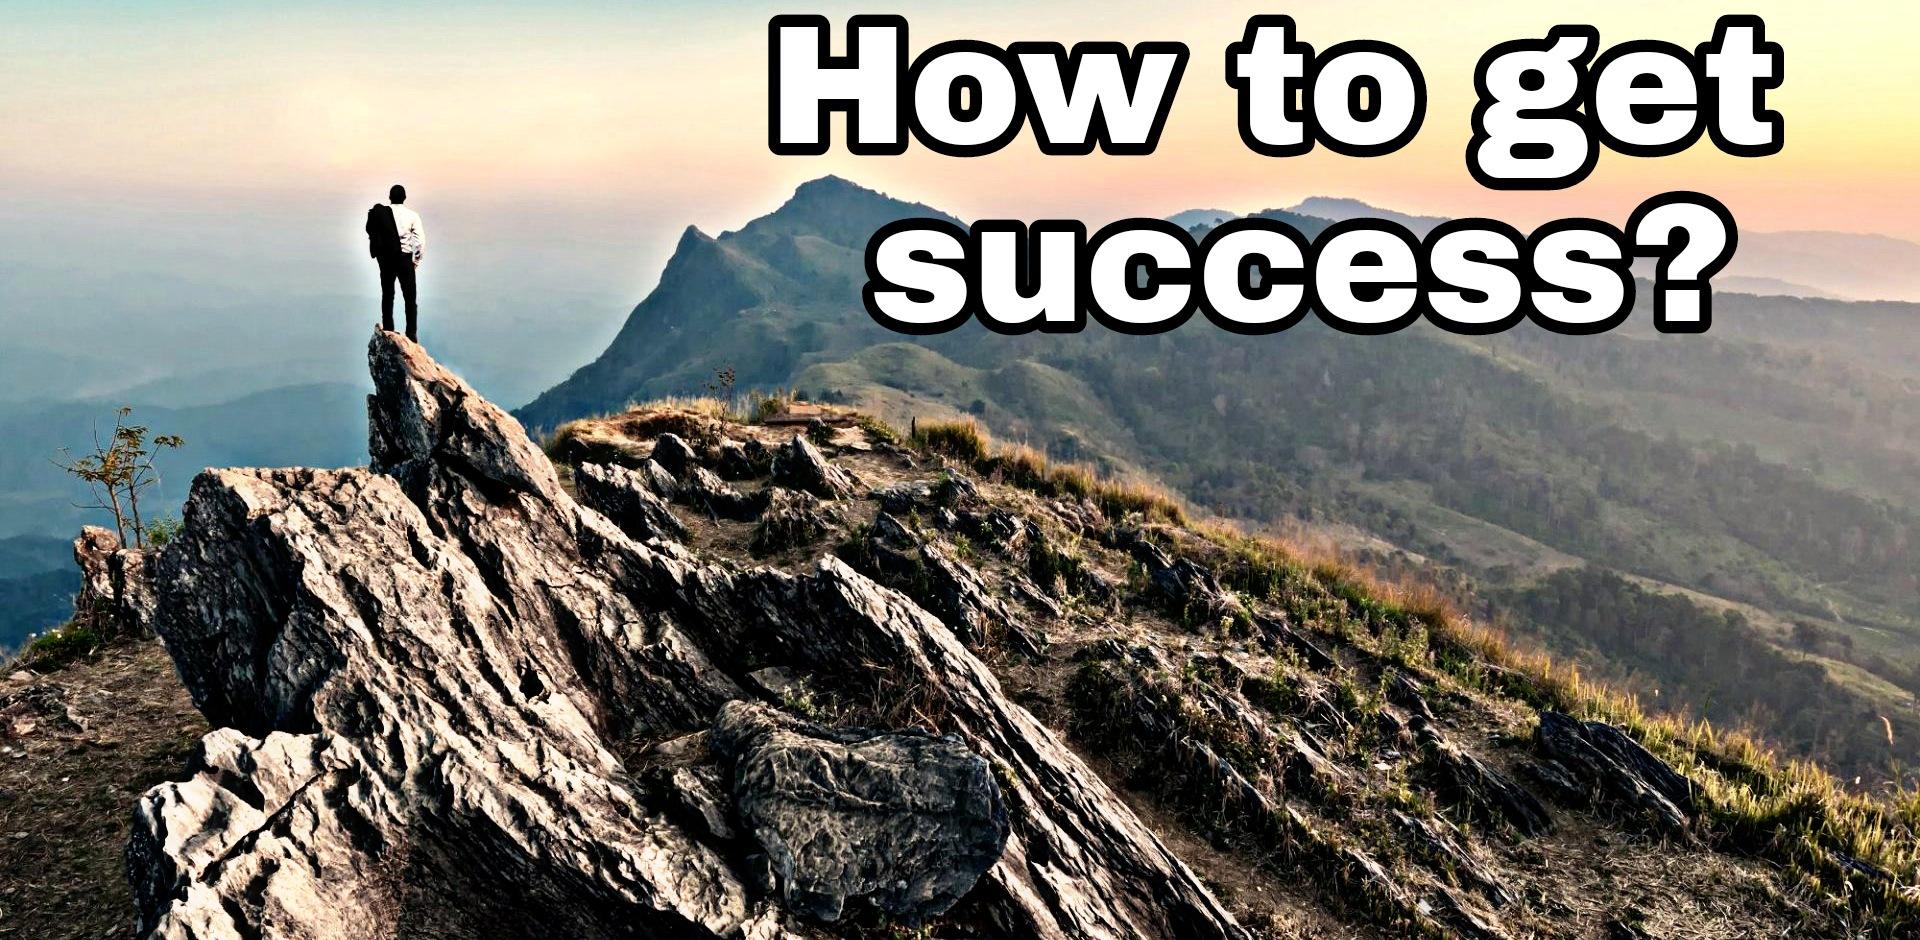 सफलता कैसे प्राप्त करें